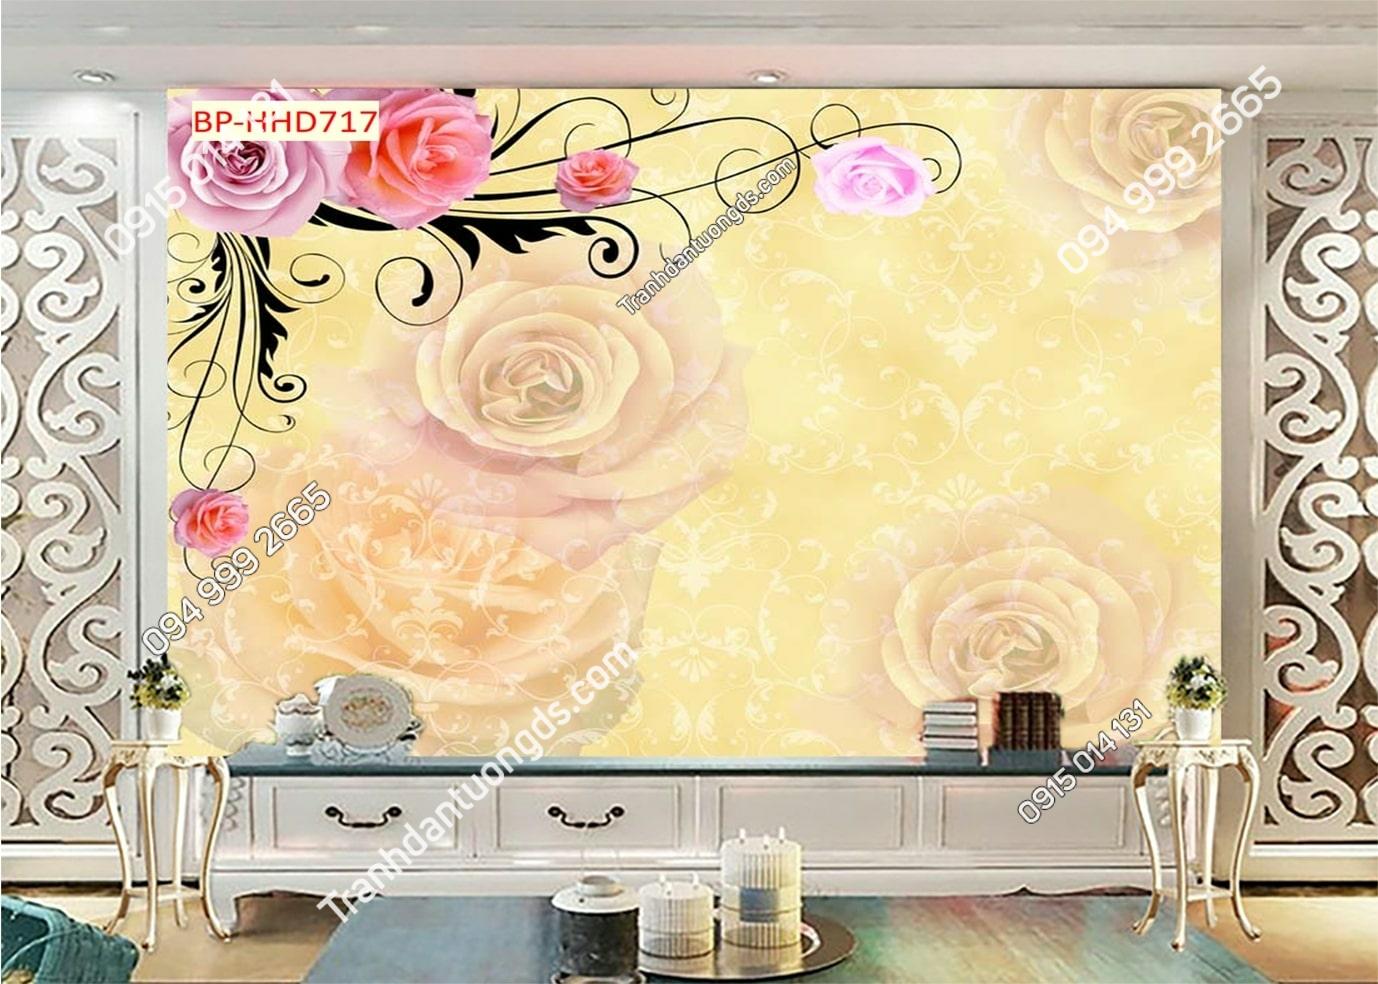 Tranh hoa 3D màu hồng dán tường phòng khách HHD717